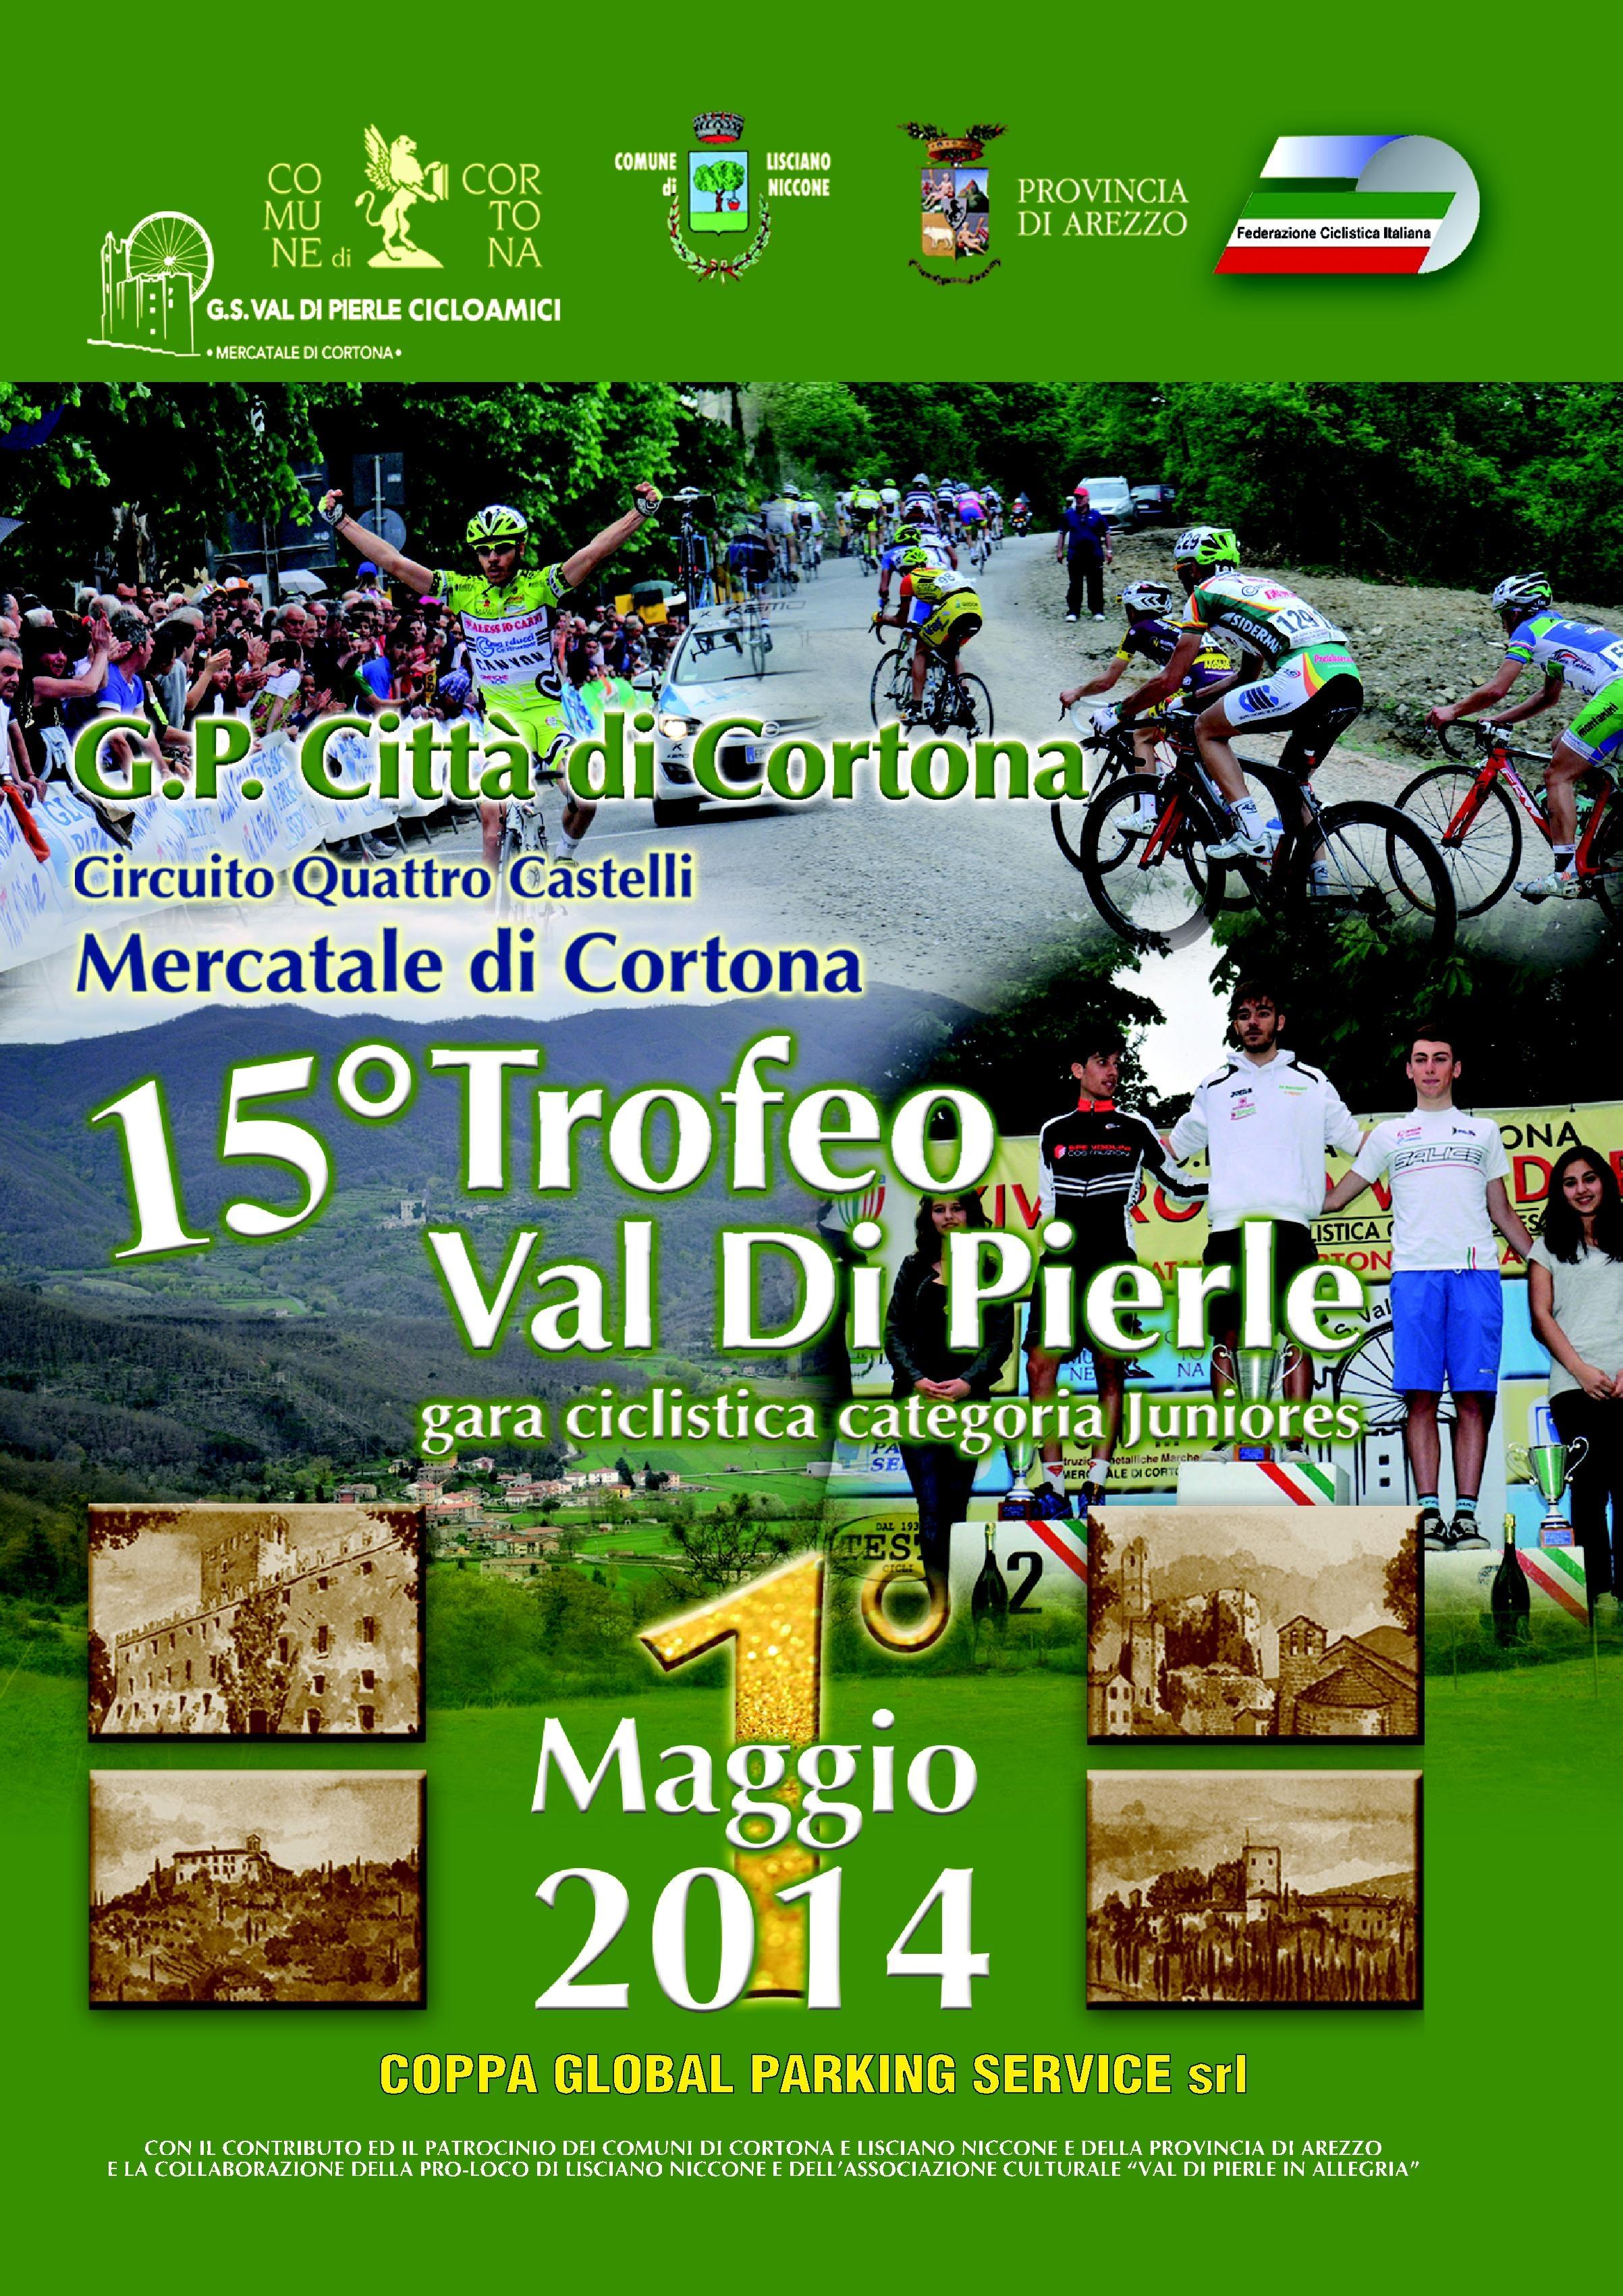 Ciclismo: conto alla rovescia per il Trofeo Val di Pierle